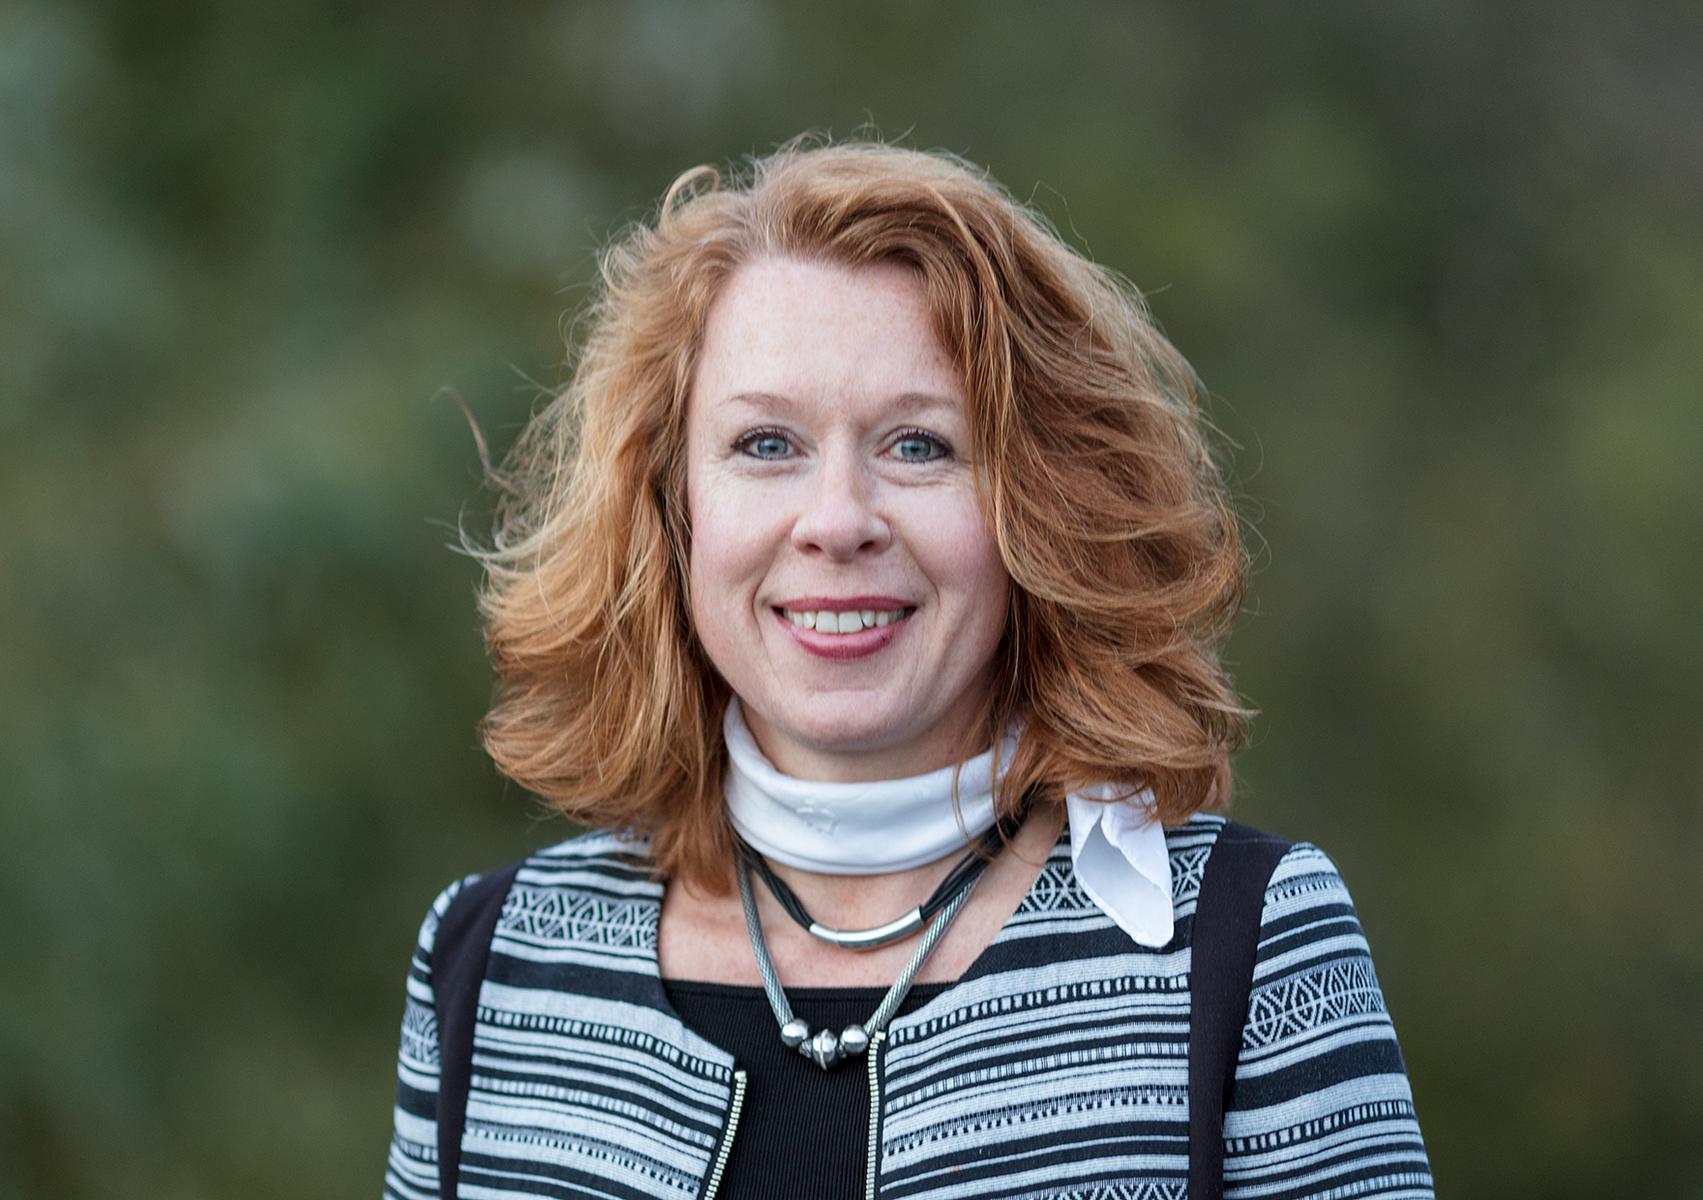 Christina Zickner